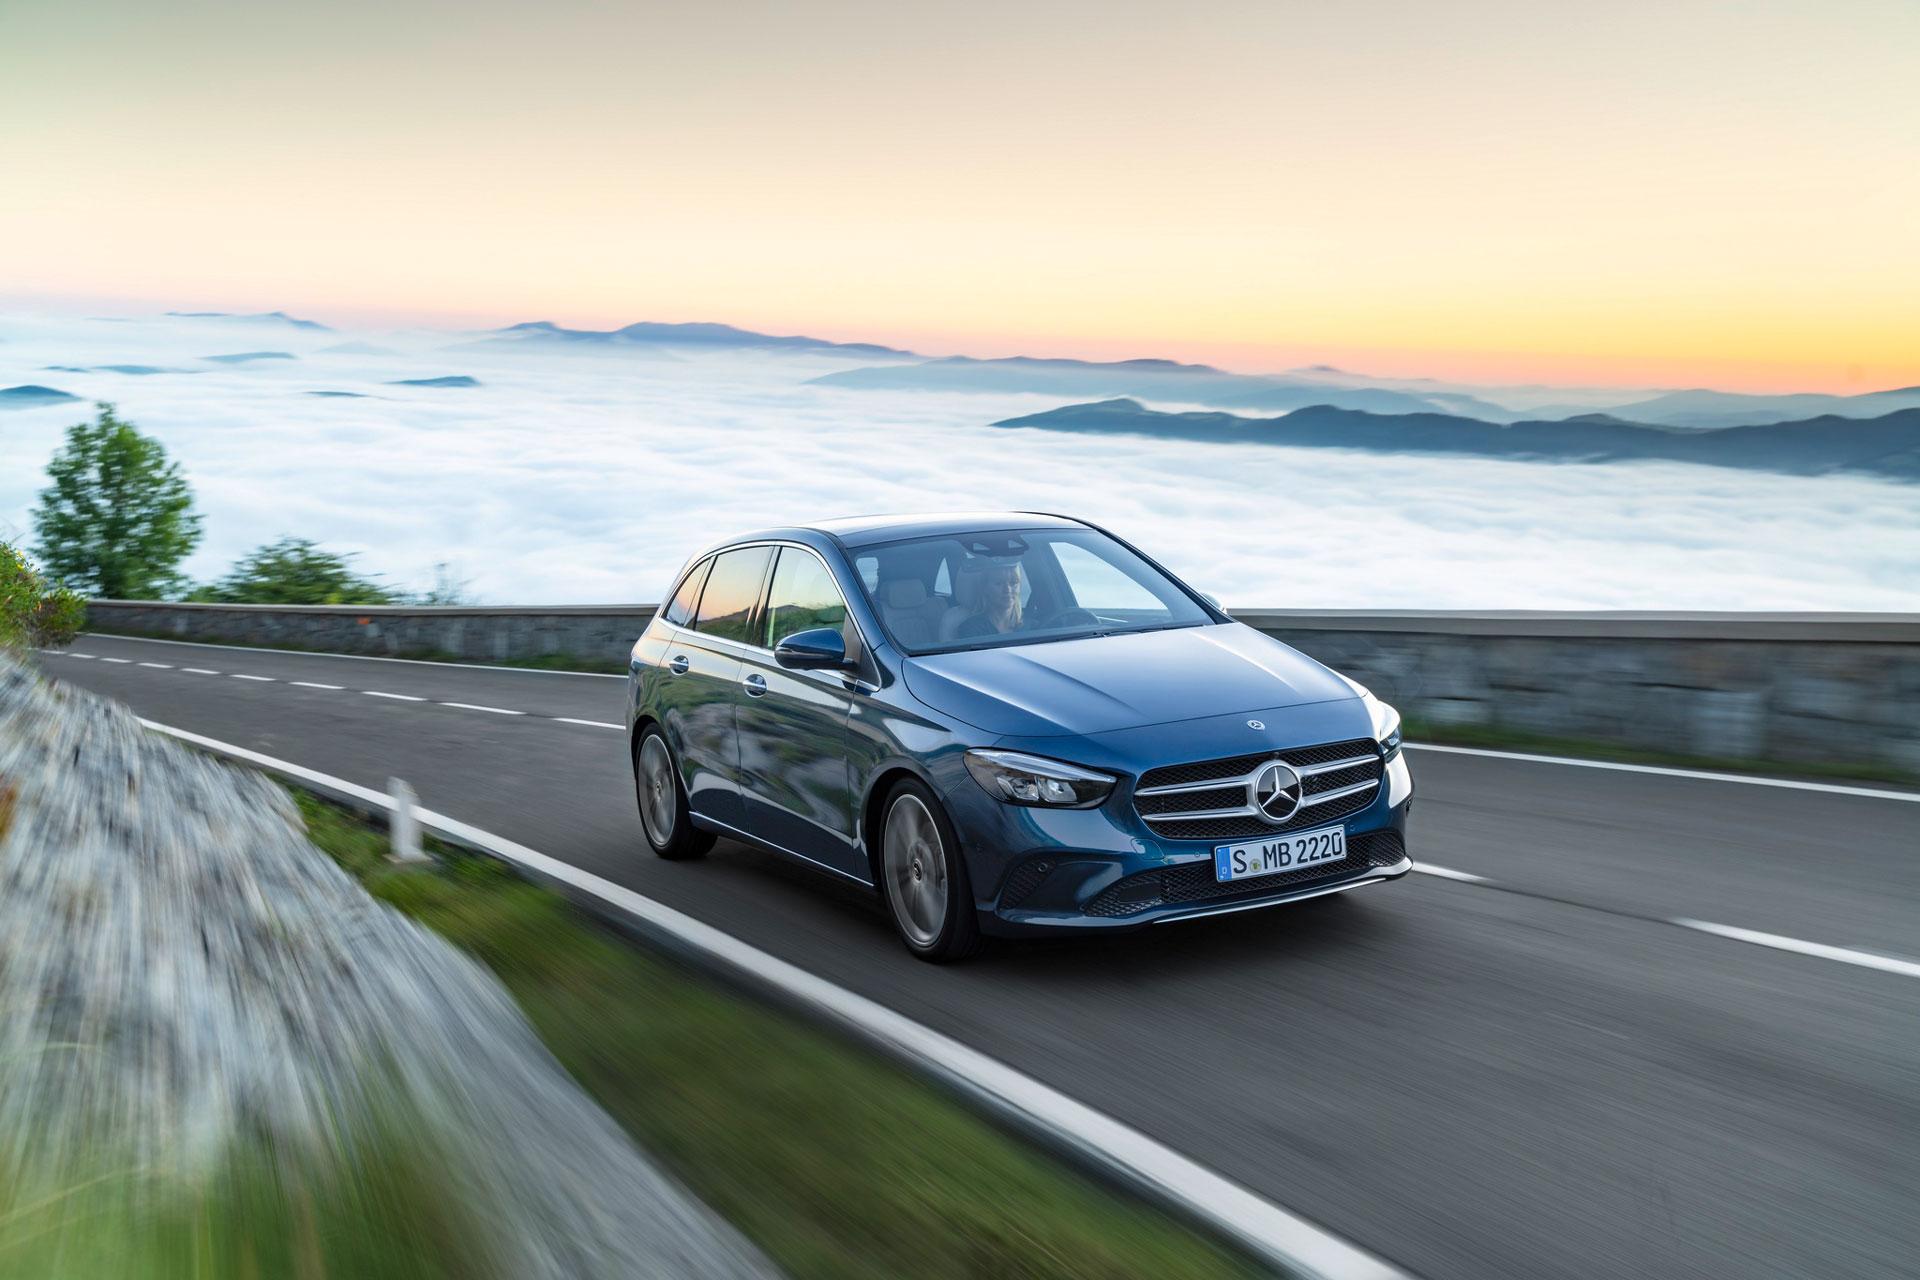 Ассистент ECO от Mercedes-Benz: экономия и защита экологии